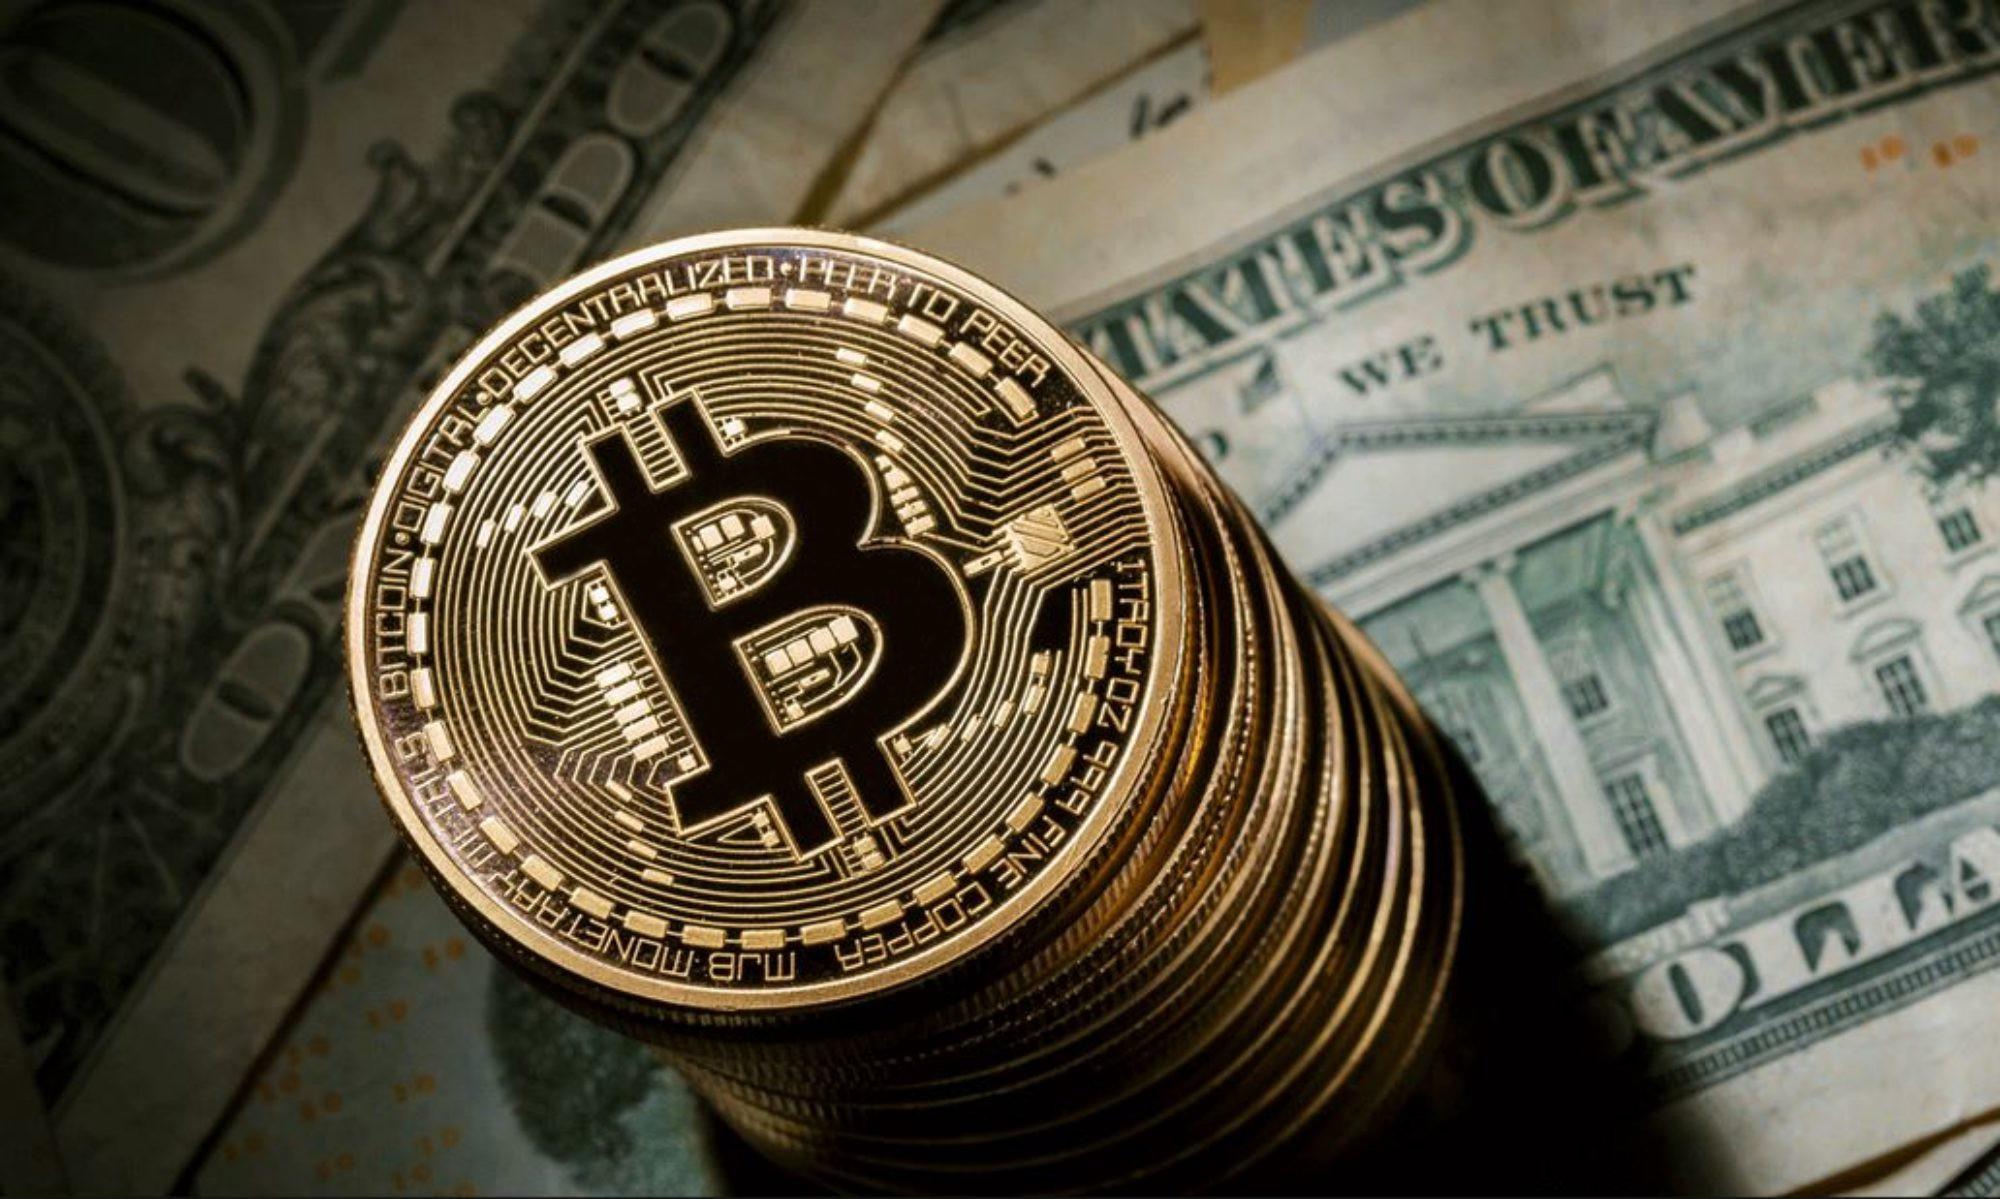 Цена биткоина упала до $4,3 тысячи